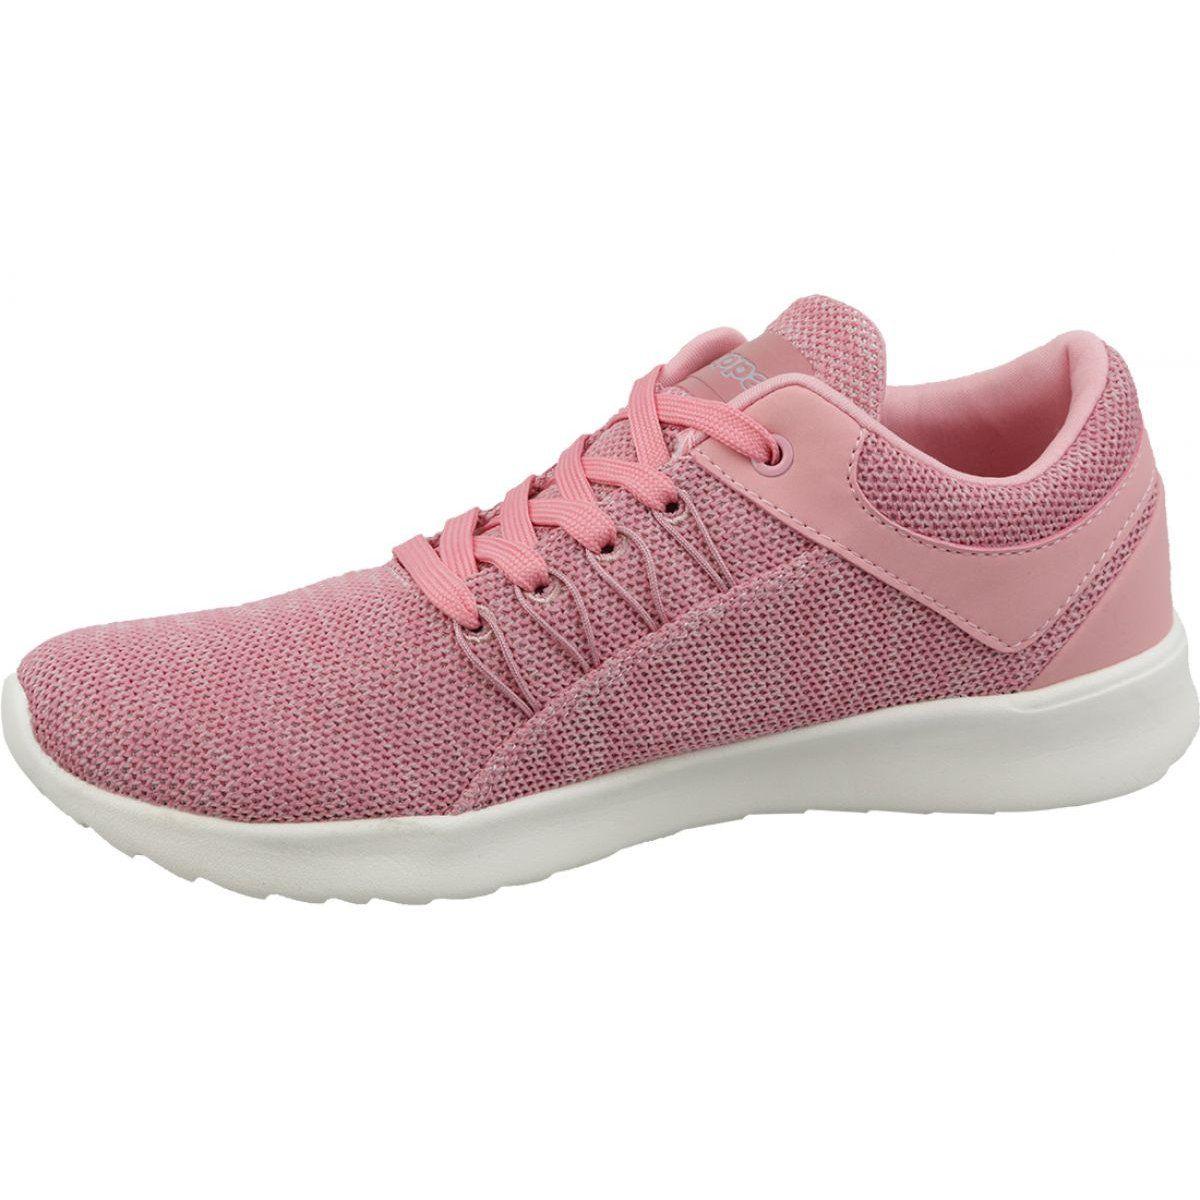 Buty Kappa Snazzy Ii W 242634 2143 Rozowe Adidas Tubular Sneakers Shoes